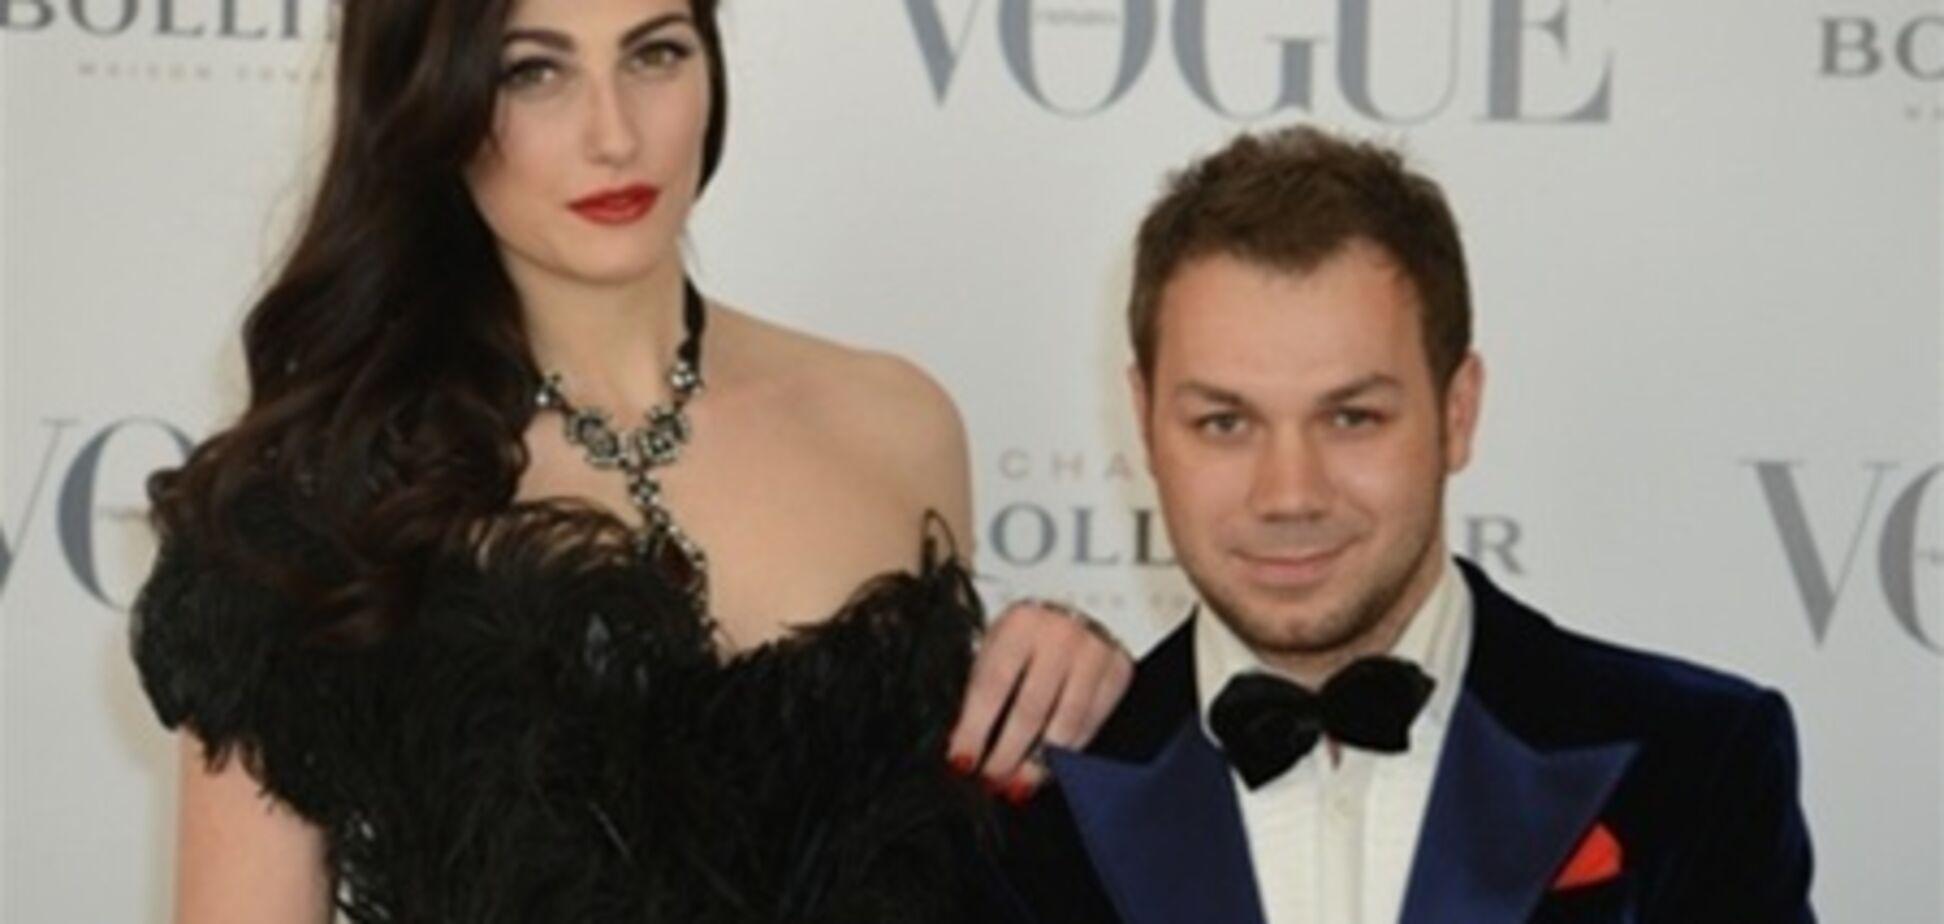 Селебрити оторвались на открытии Vogue-Украина. Фото